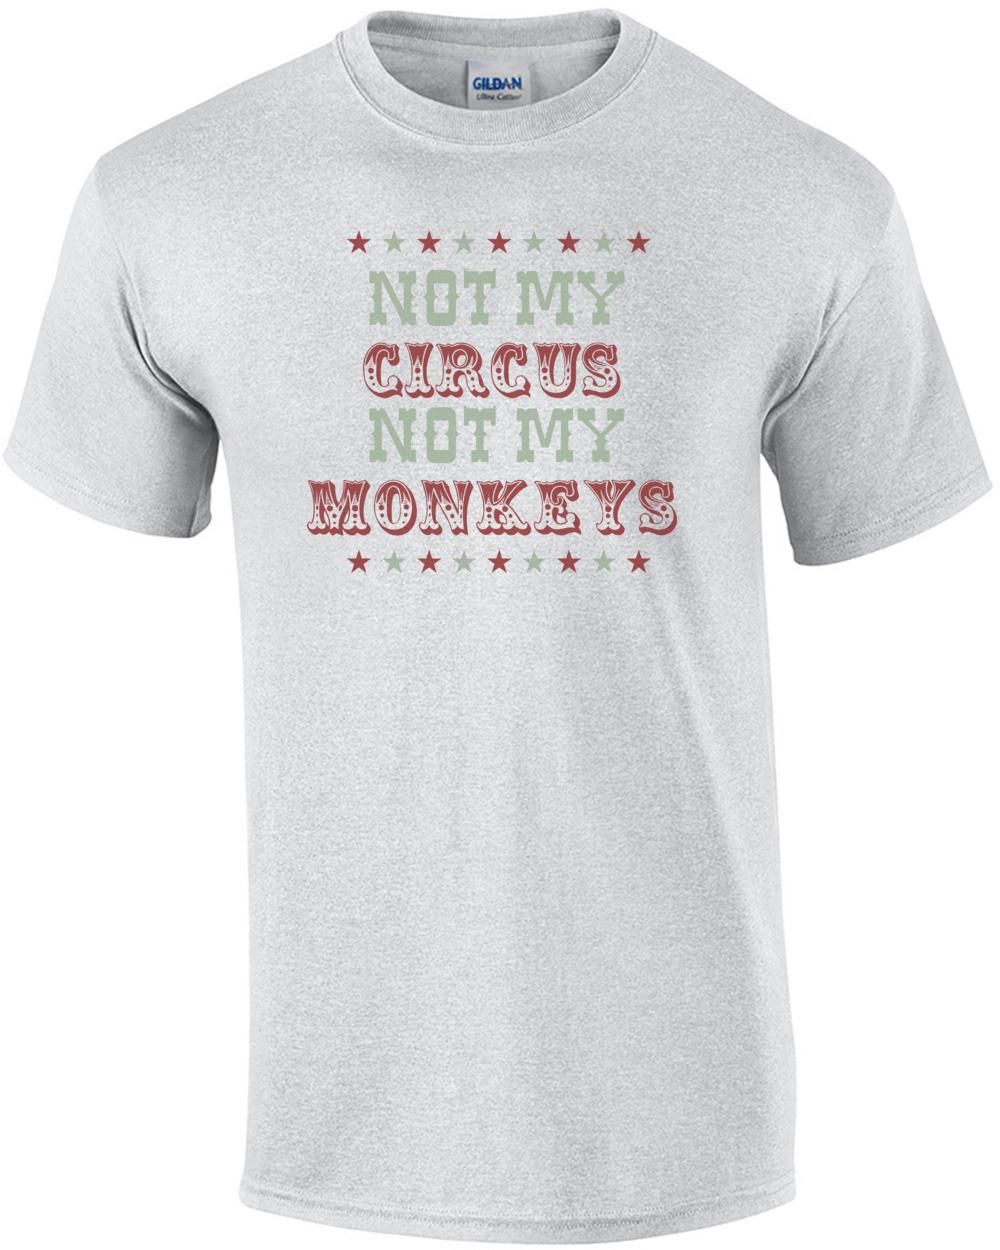 cd6c1236e Not my circus not my monkeys - Funny T-Shirt shirt